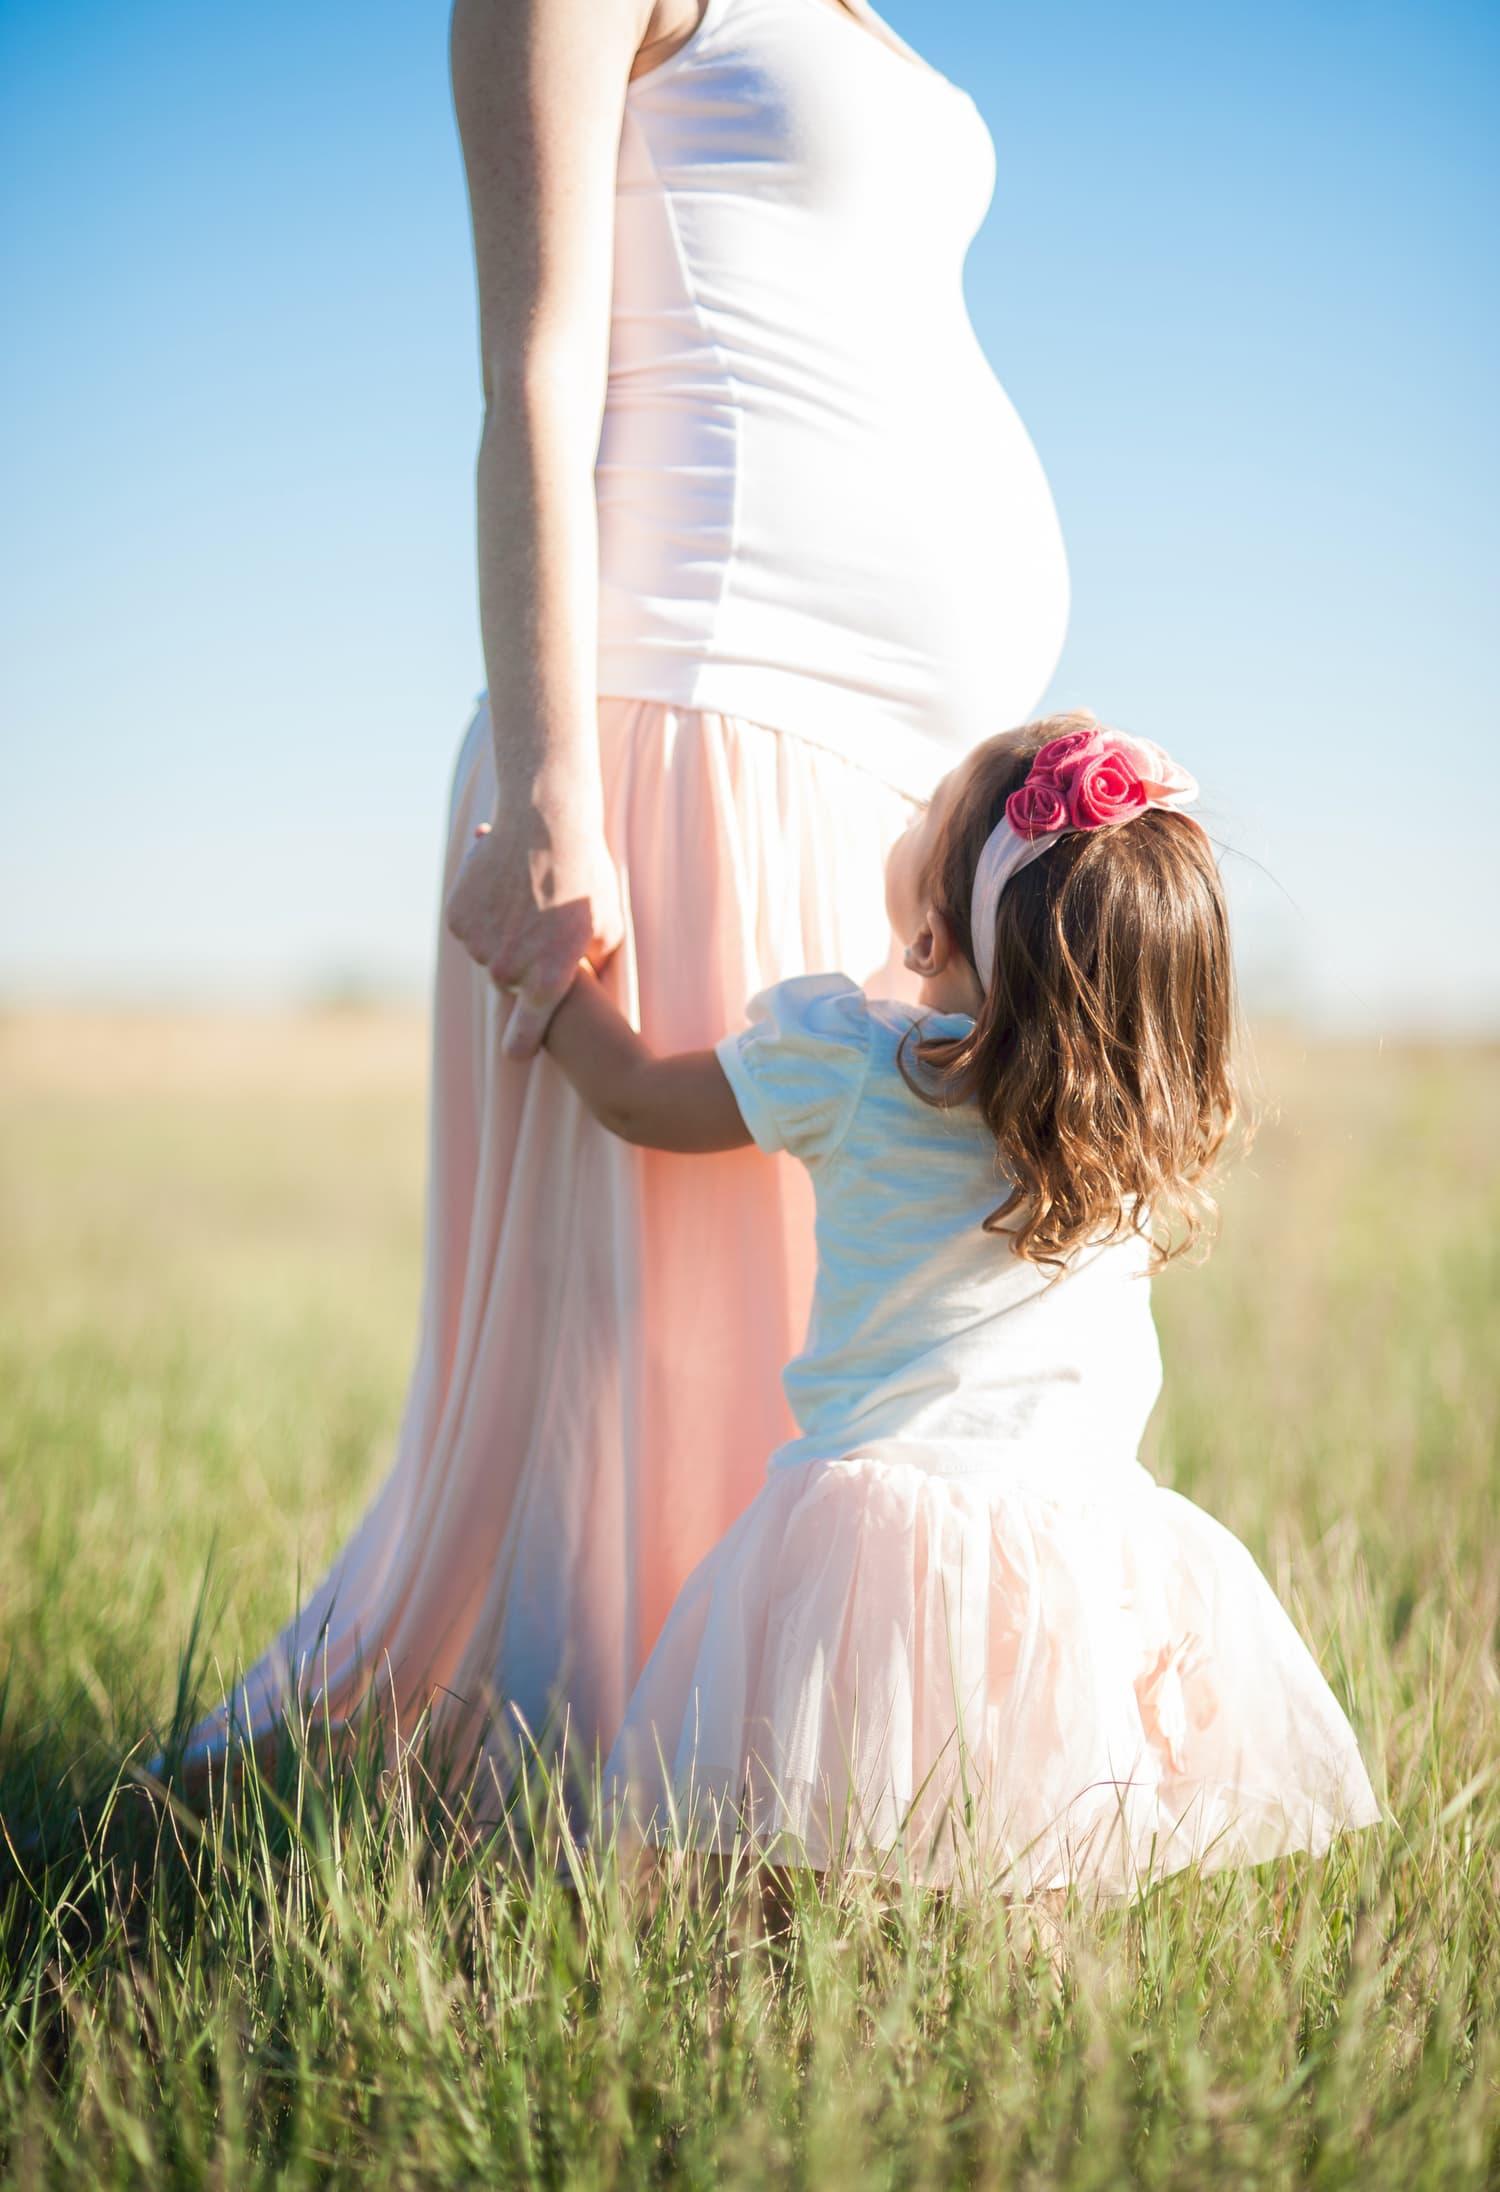 fotografía madre embarazada con su hija